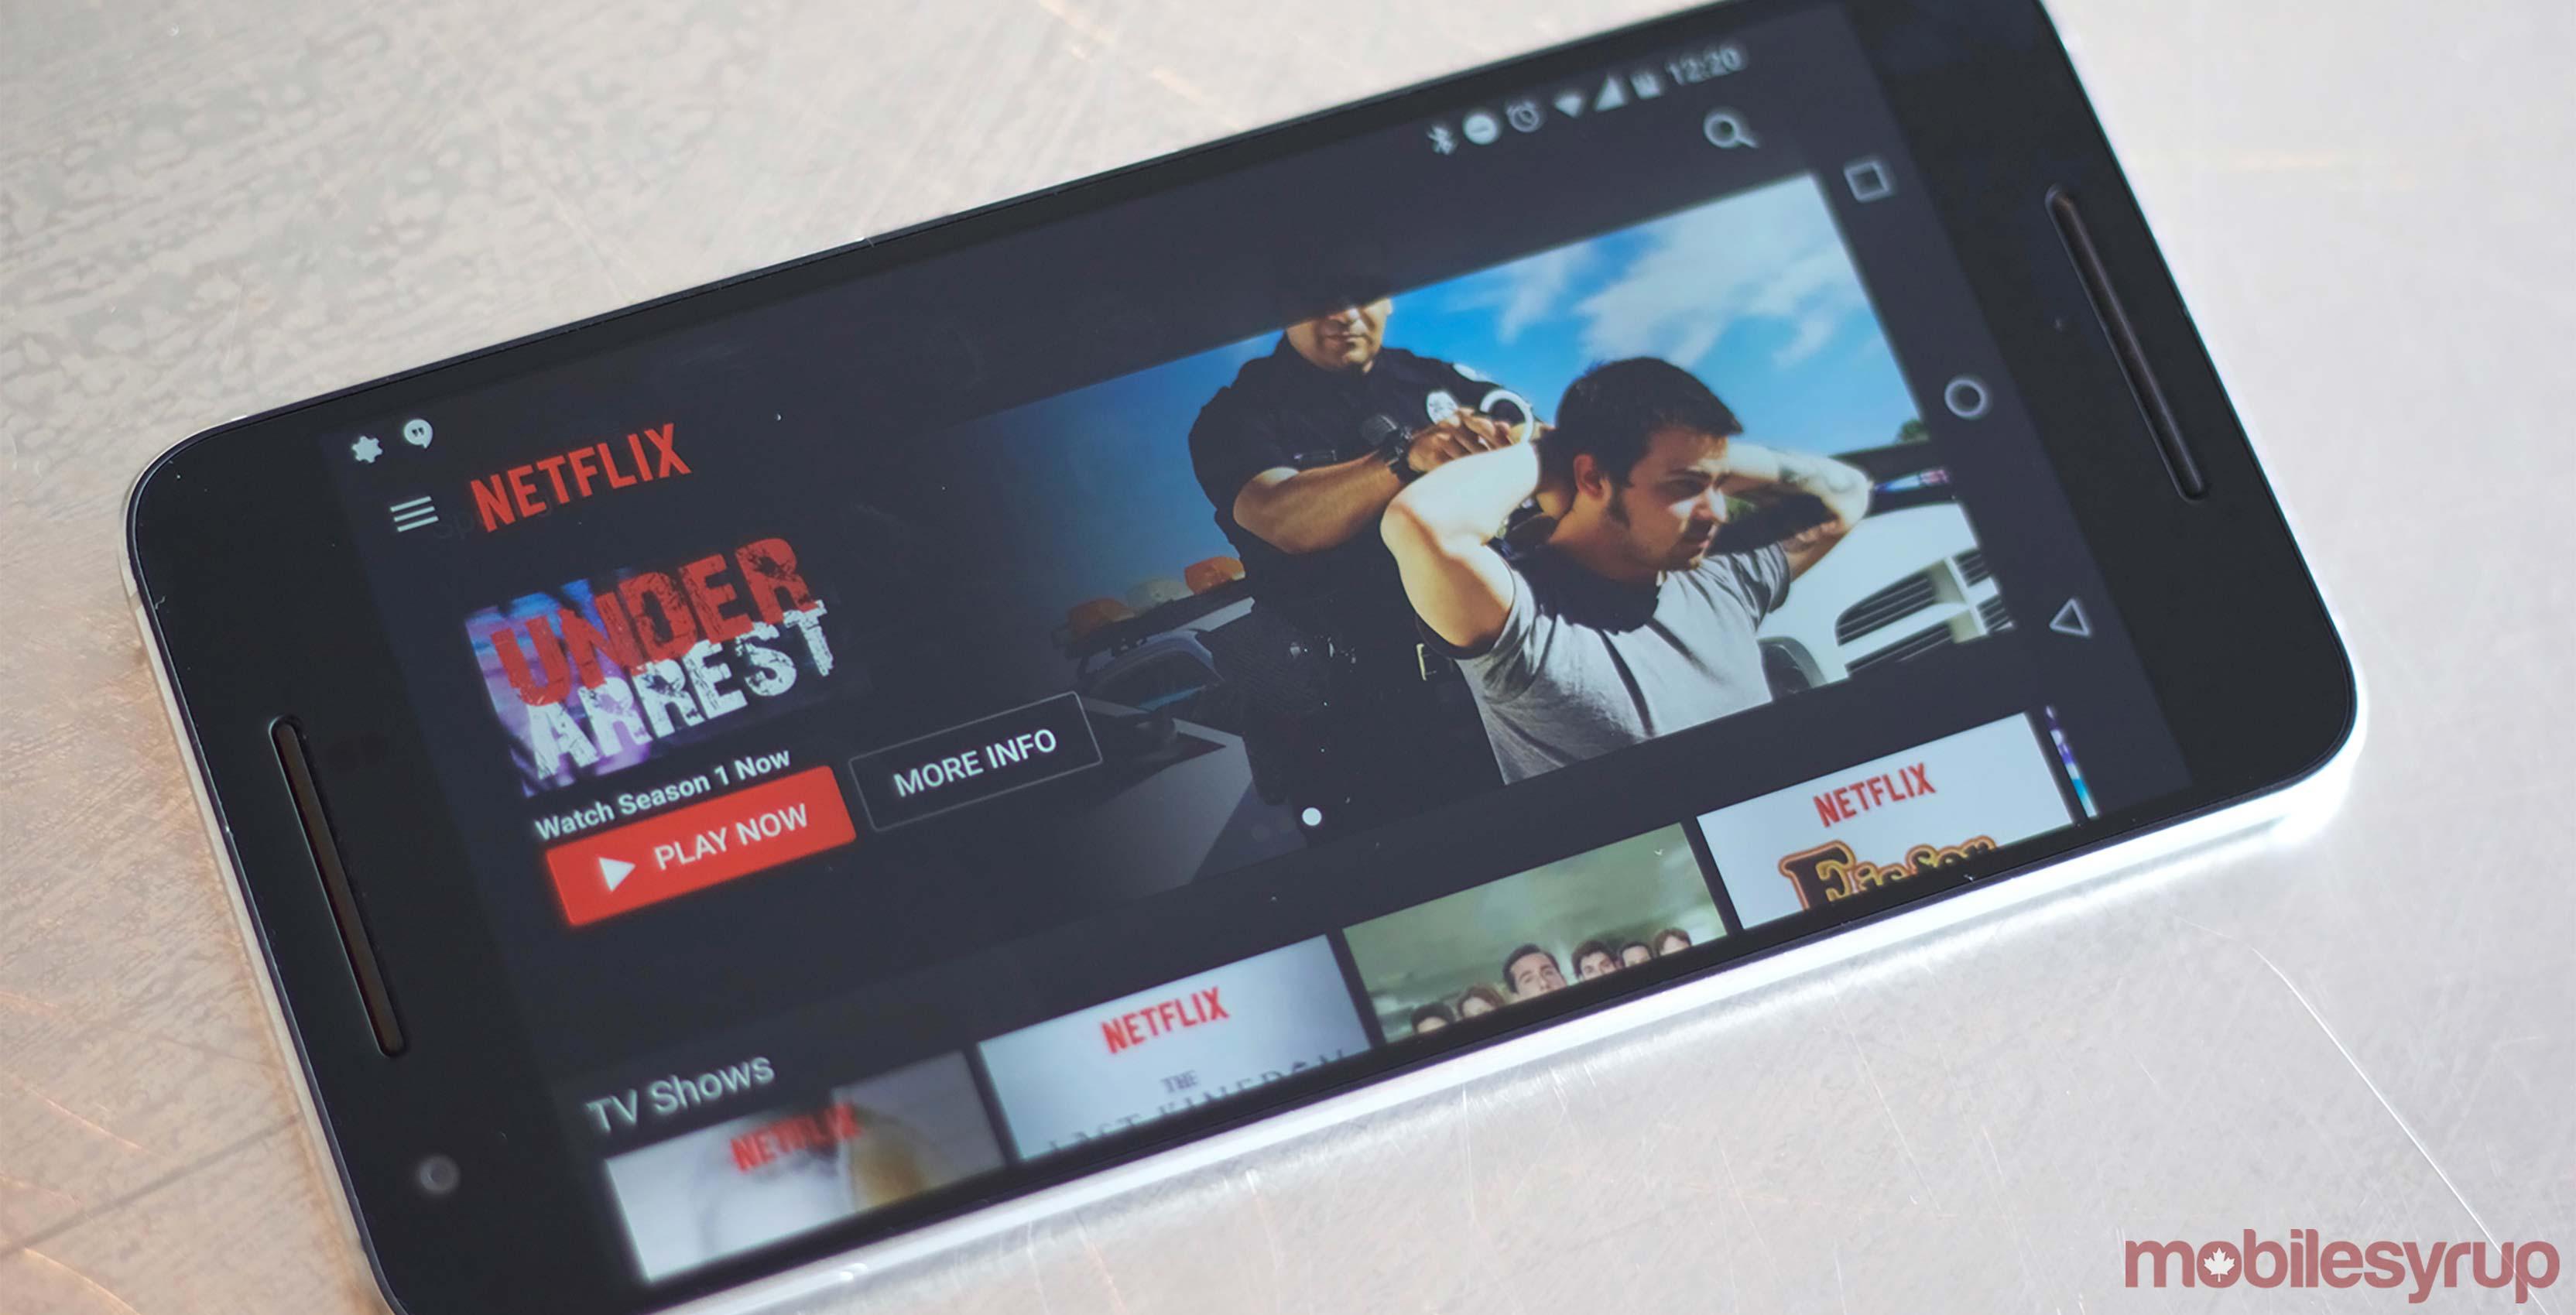 Netflix app on screen - Netflix hdr